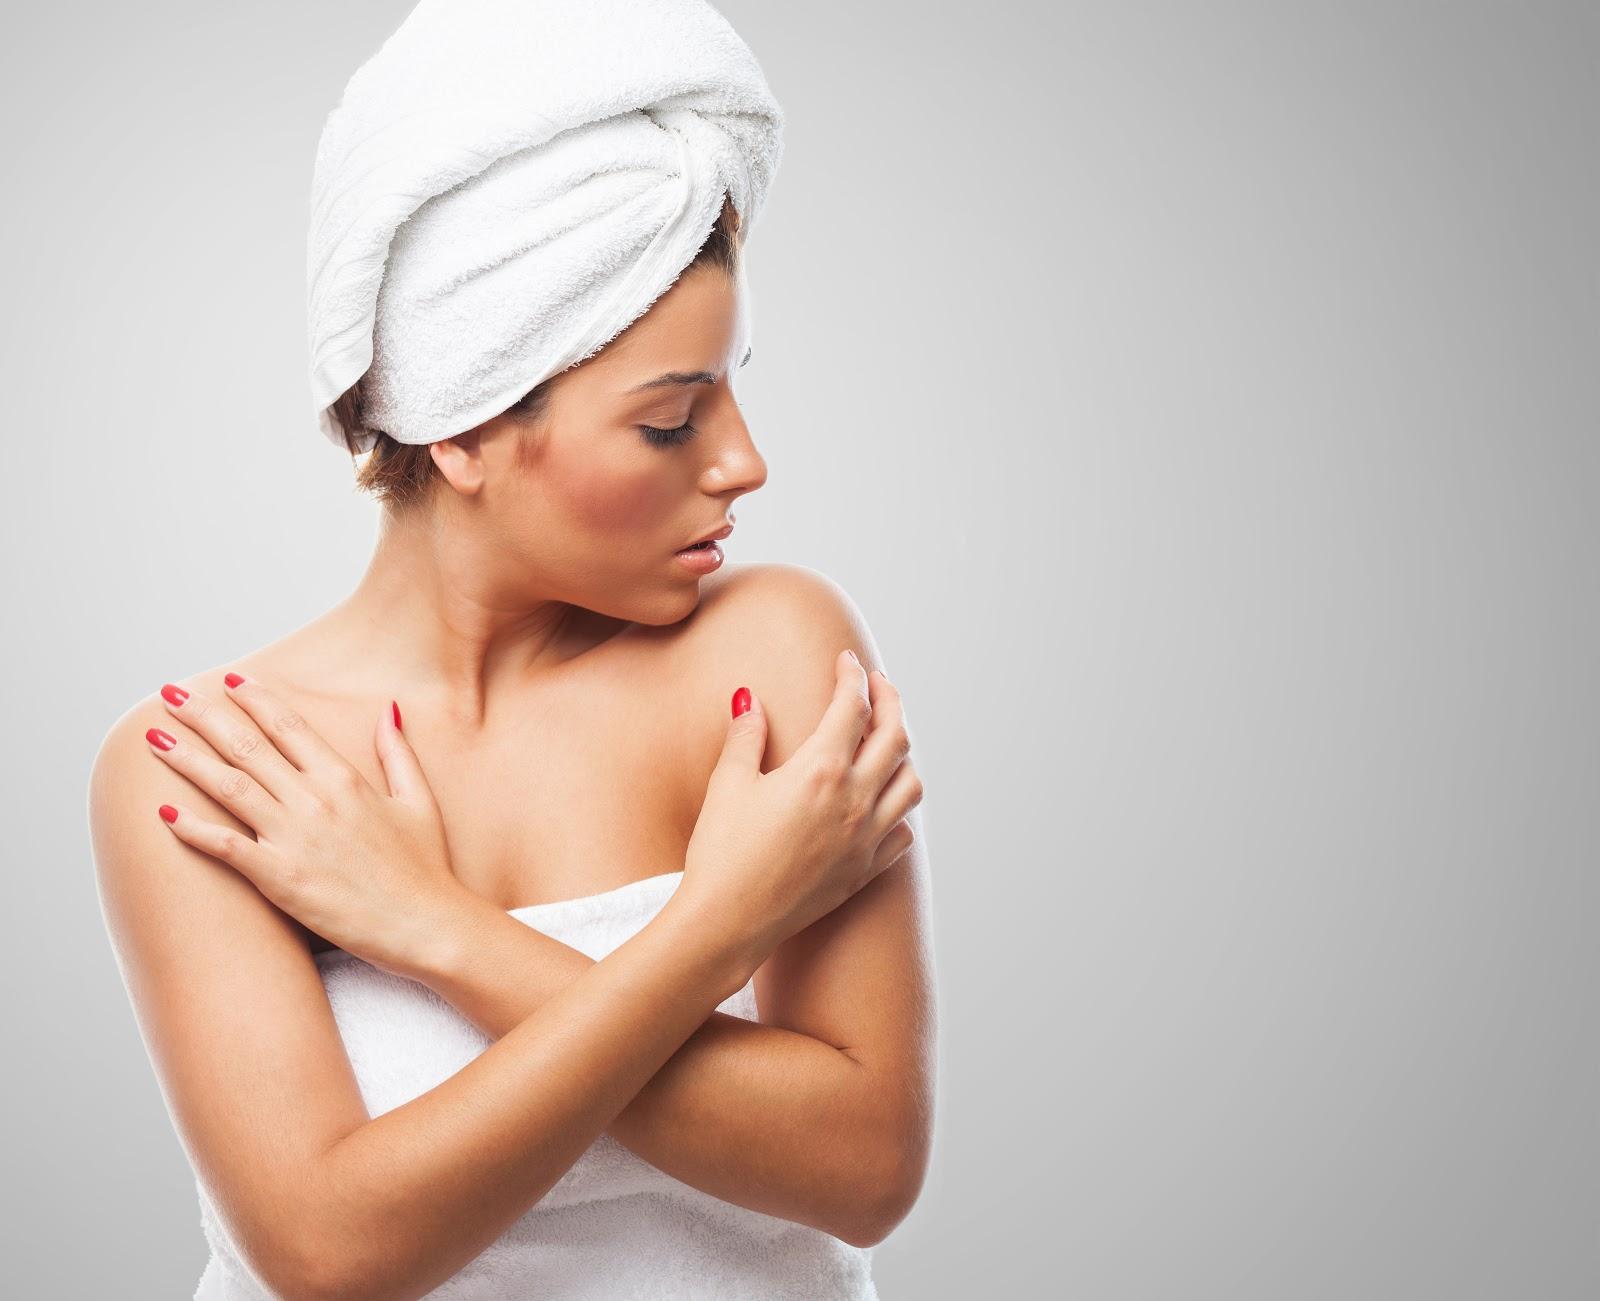 lupus mulher vestida com uma toalha no corpo e no cabelo olhando para o proprio ombro lupus